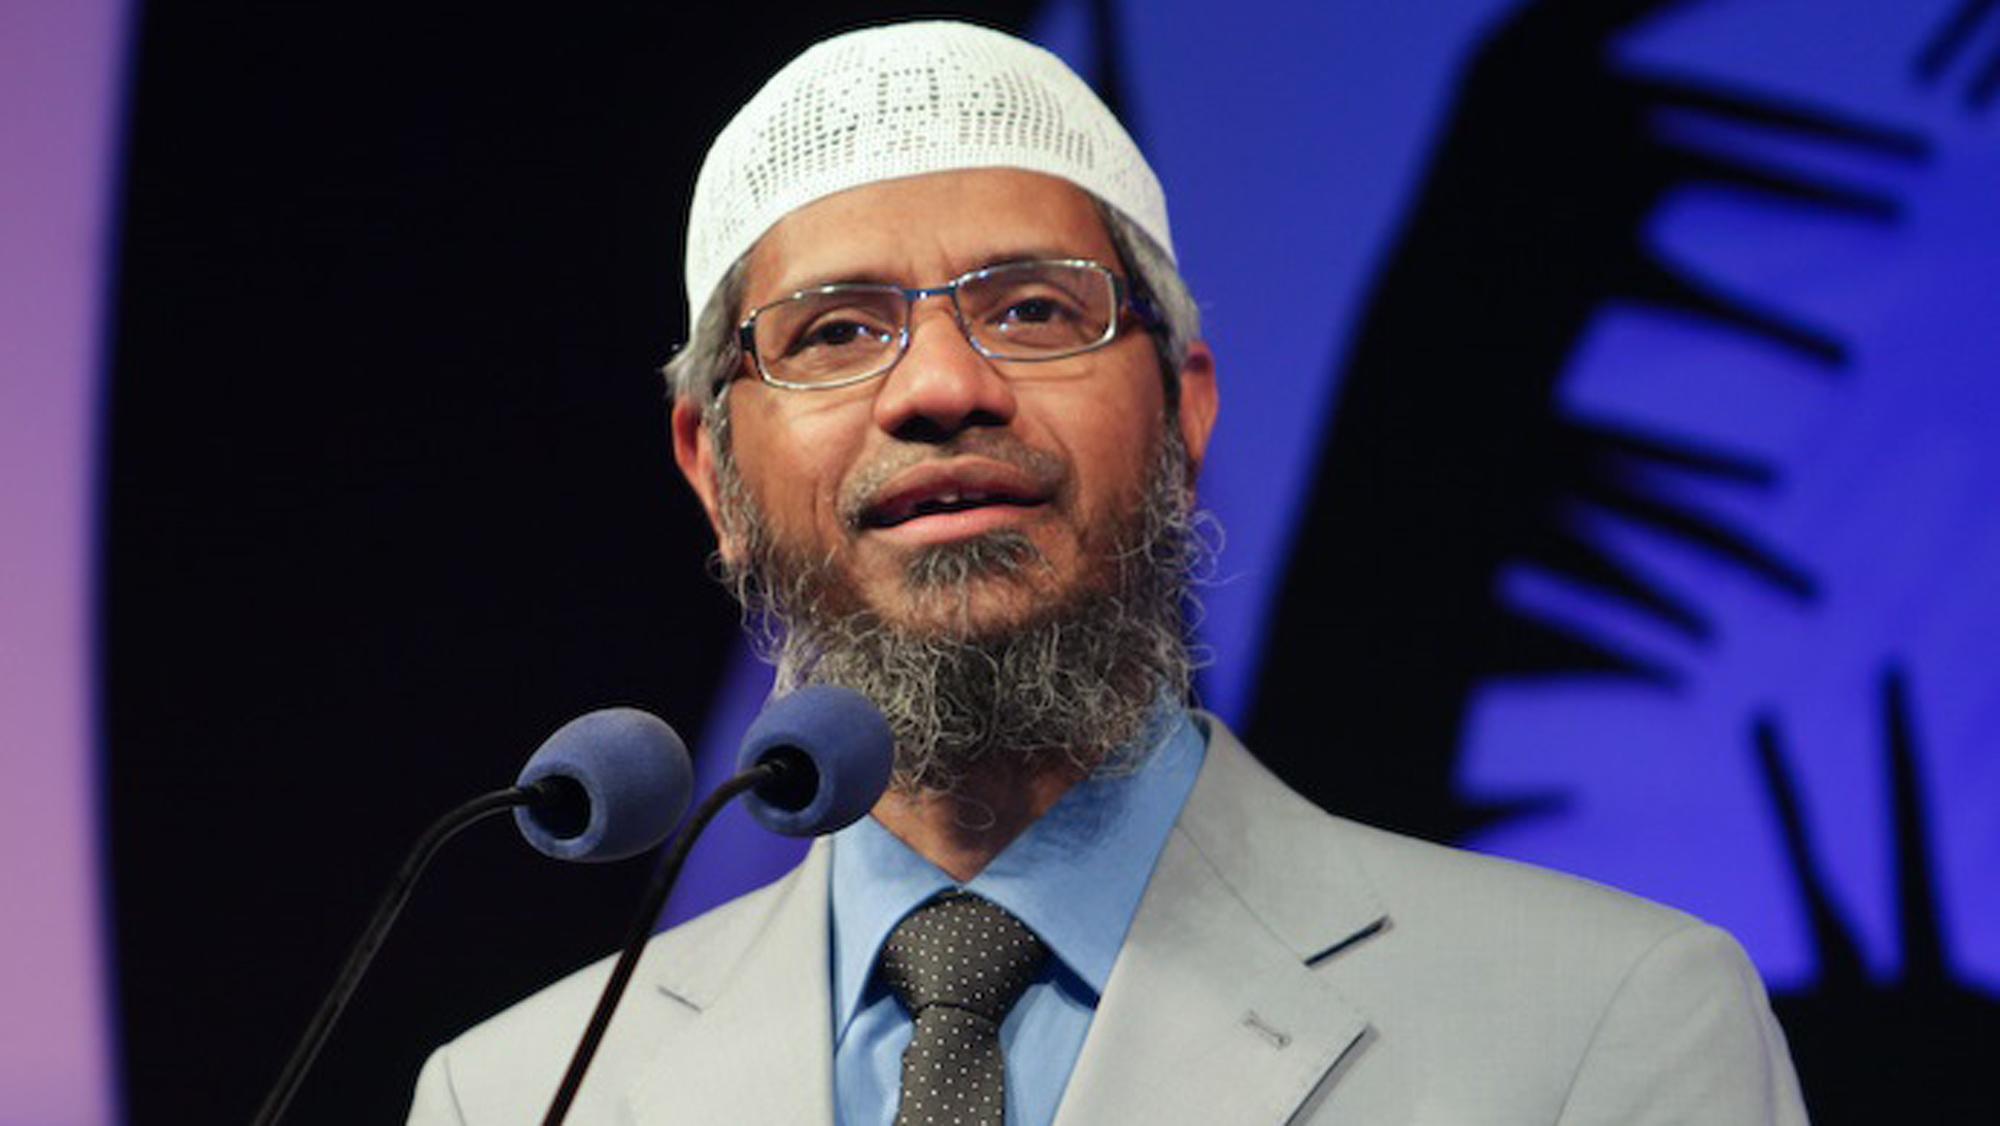 ceramah zakir naik, simbol perdamaian dunia, islam